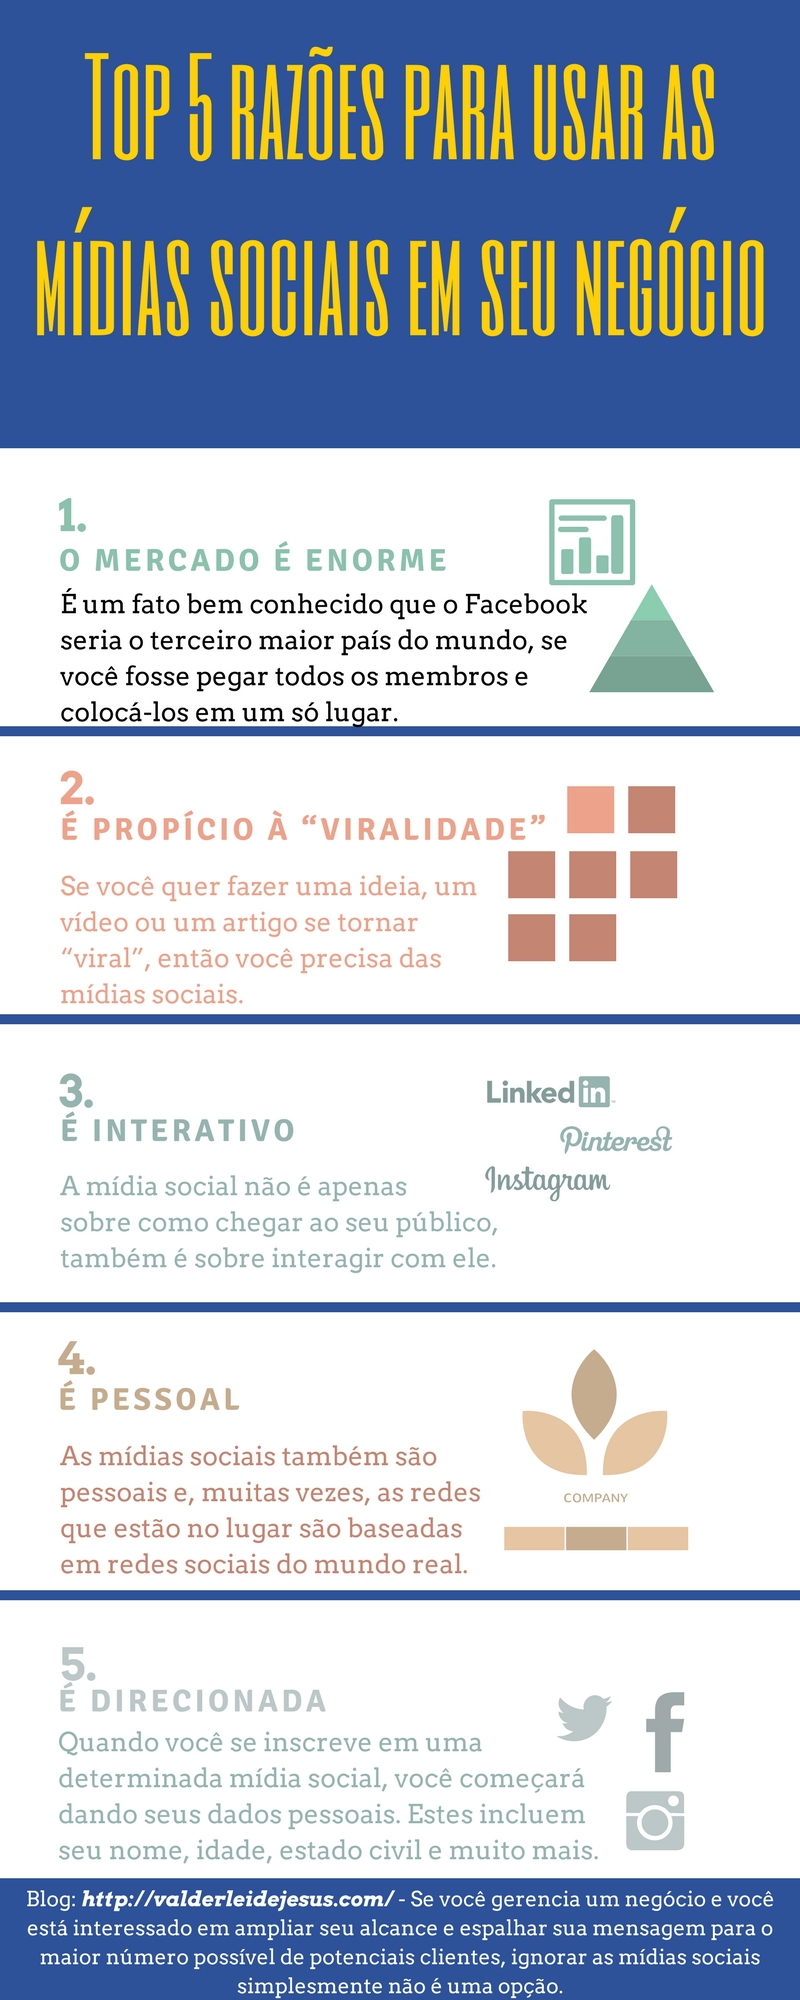 Top 5 razões para usar as mídias sociais em seu negócio